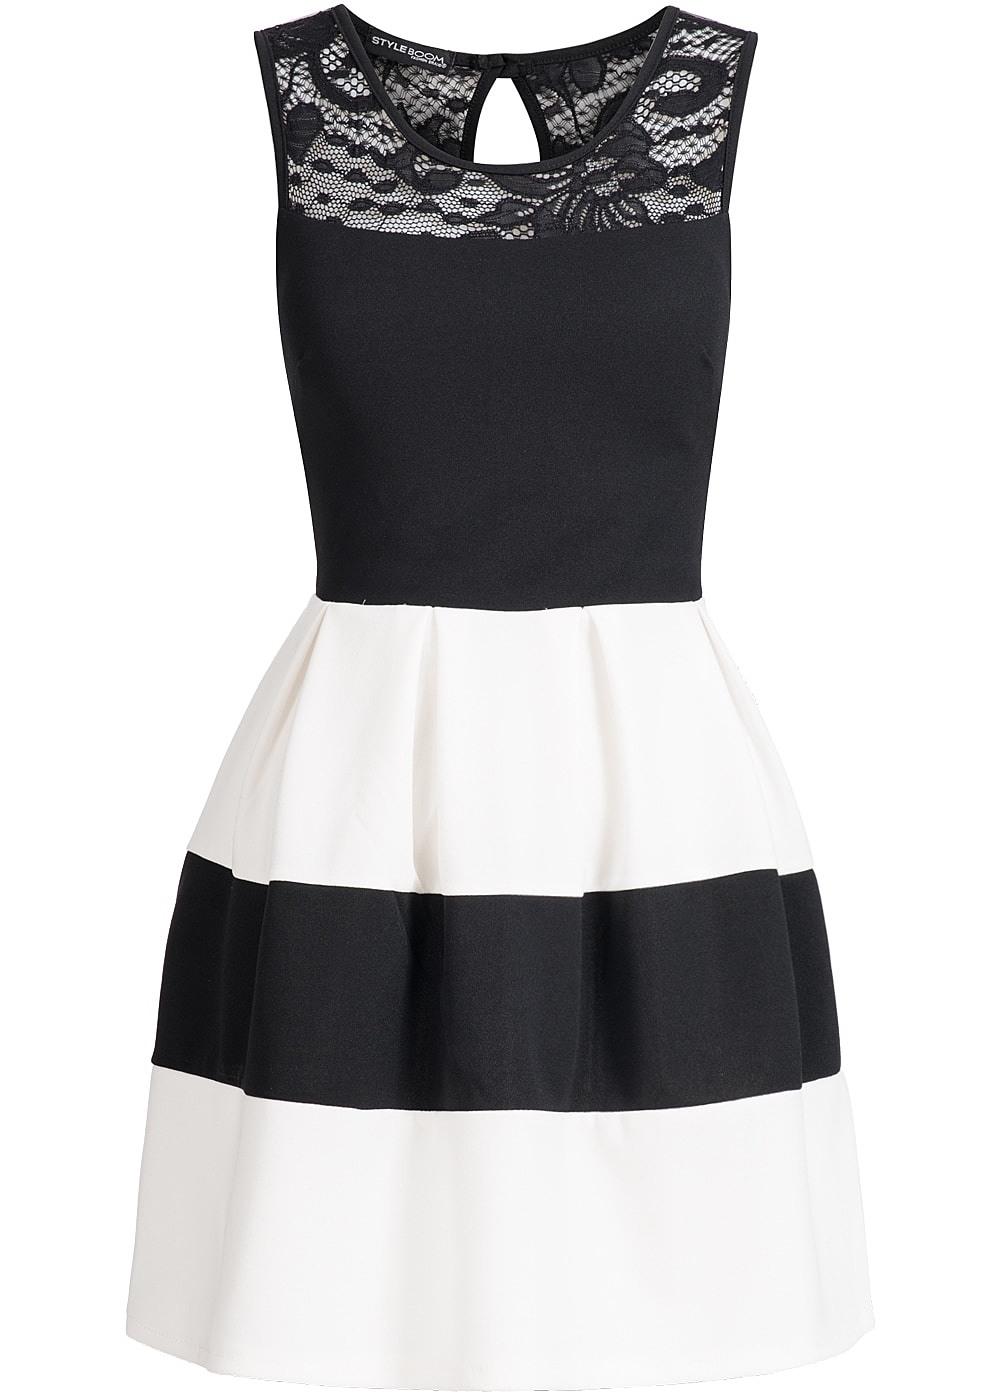 10 großartig kleid schwarz weiß gestreift boutique - abendkleid